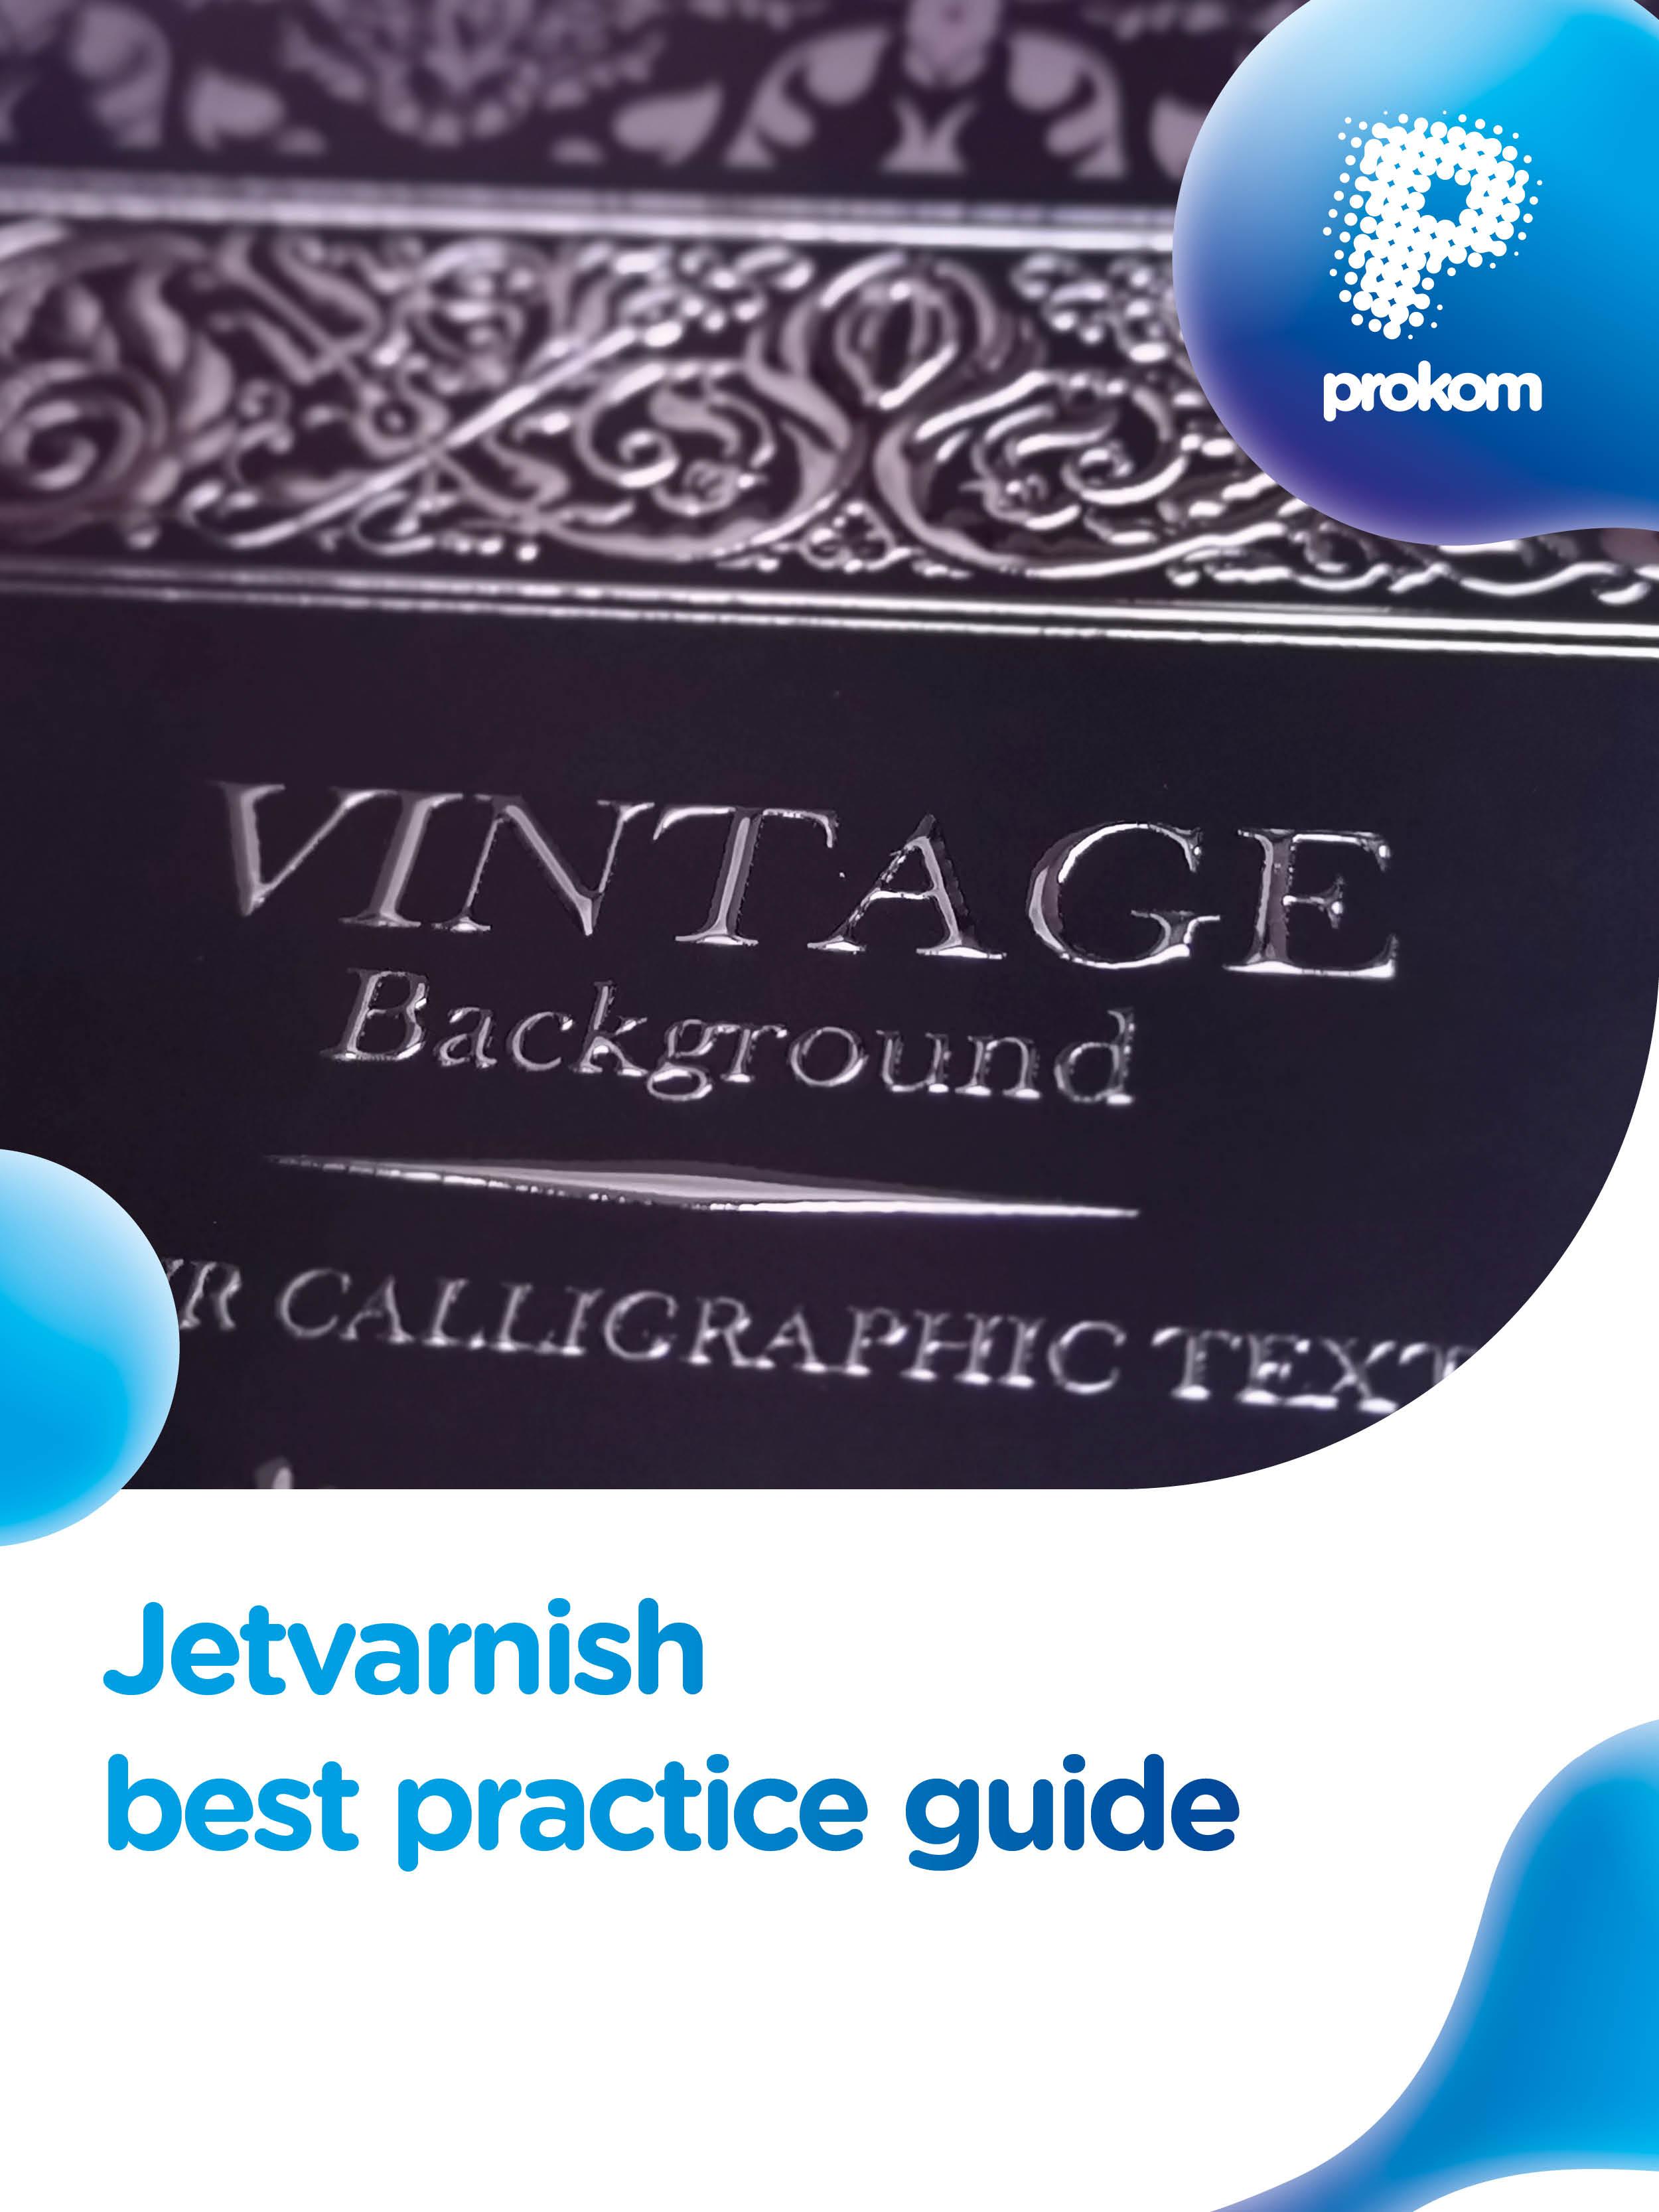 JetPro - Jetvarnish best practice guide image